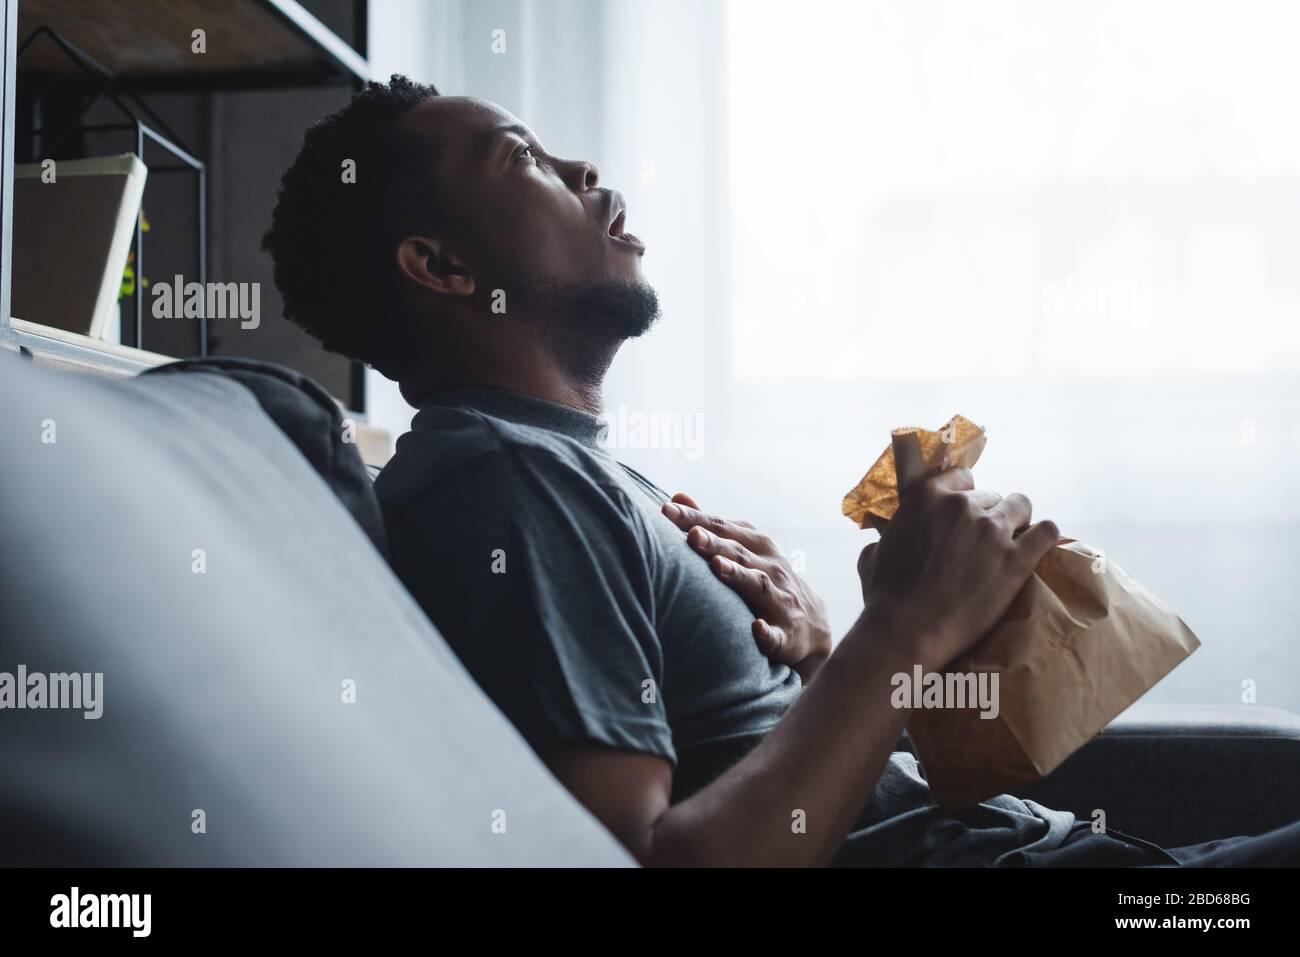 Schockierter afroamerikanischer Mann, der Papiertüte hält, während er zu Hause Panikattacken hatte Stockfoto